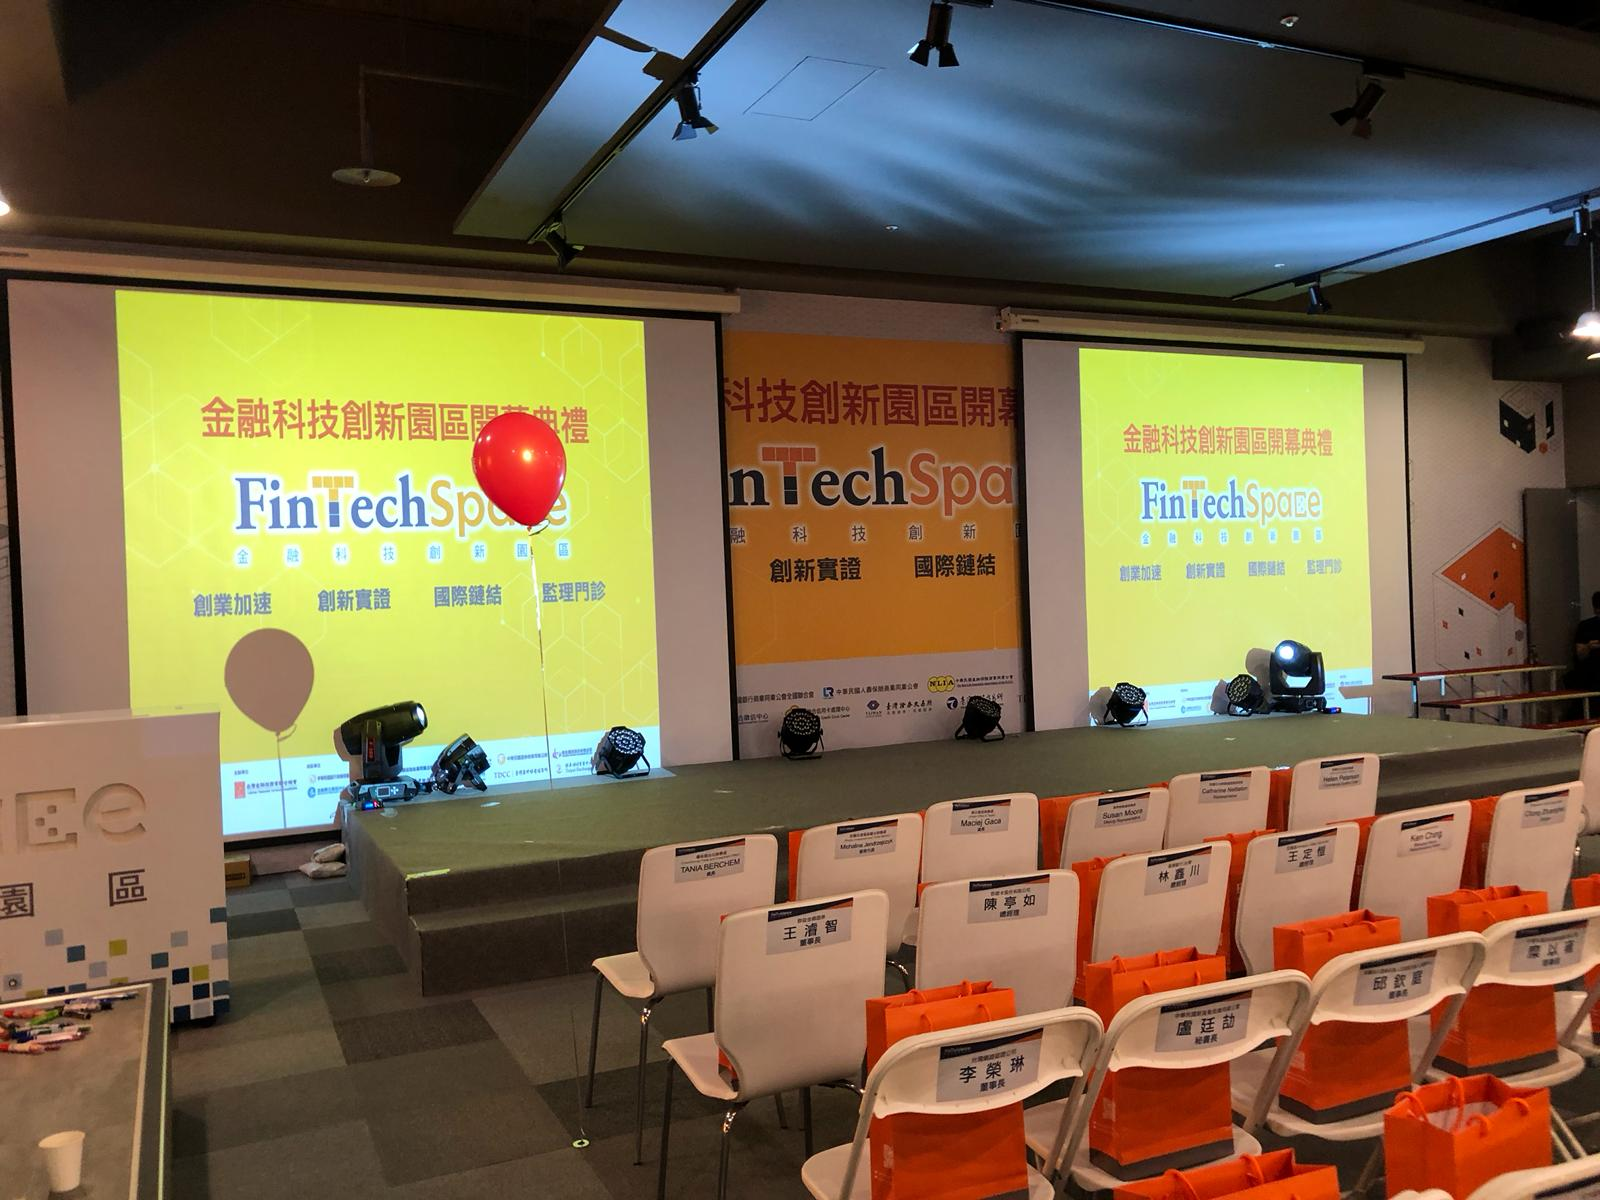 Taiwan FinTech Space Launch